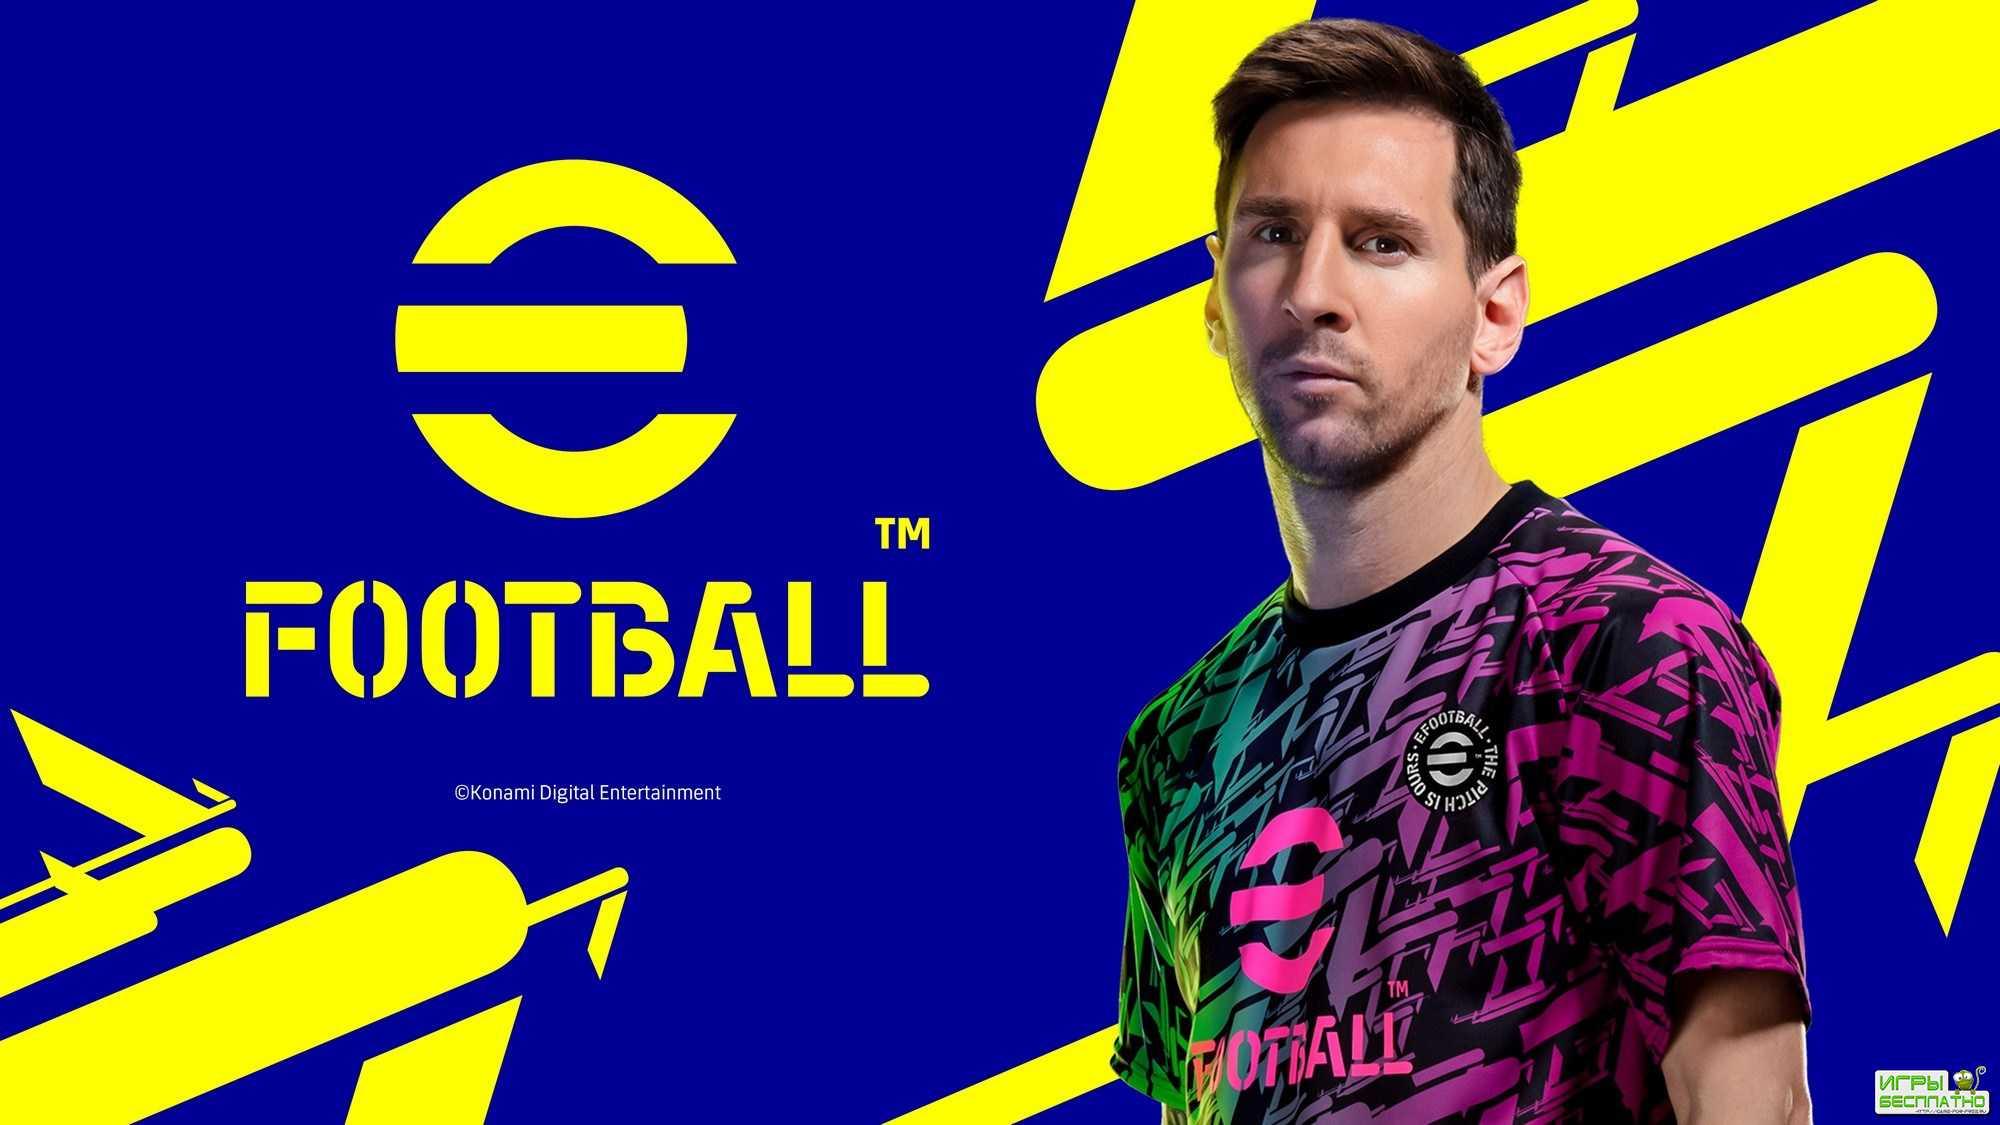 Компания Konami переименовала серию Pro Evolution Soccer в eFootball